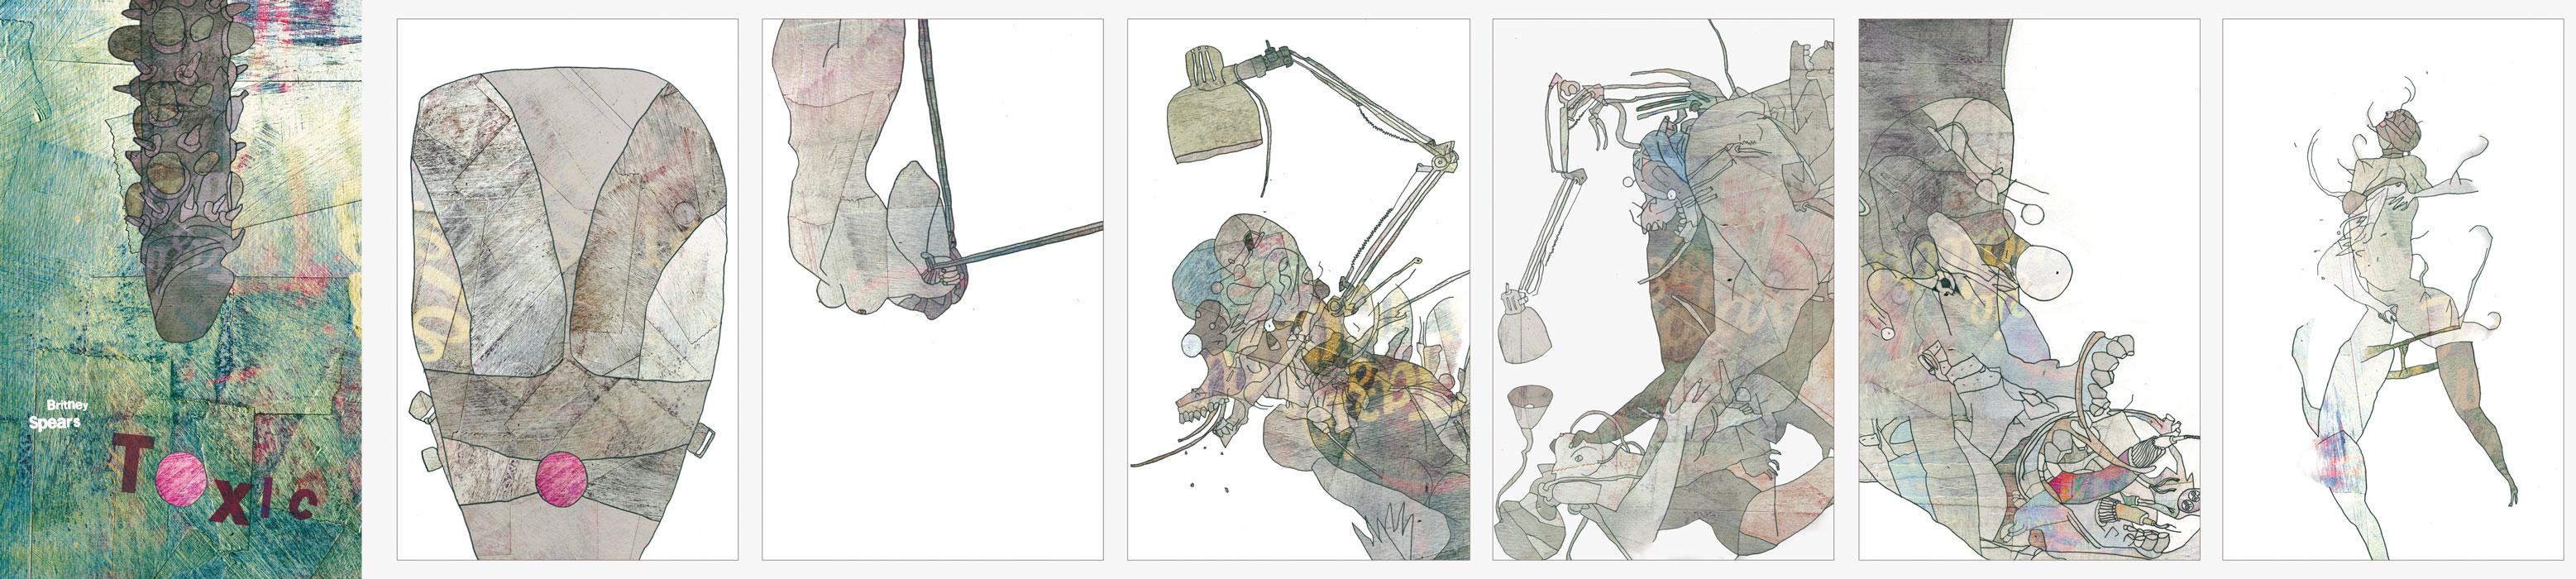 Toxic – TINALS – Pubblicato in data 28/ott/2013 La compilazione TINALS – COMP.01 è scaricabile gratuitamente da http://tinals.bandcamp.com  TINALS: Un serbatoio infinito di canzoni d'amore universali dal quale attingono creativamente fumettisti, illustratori e grafici pe